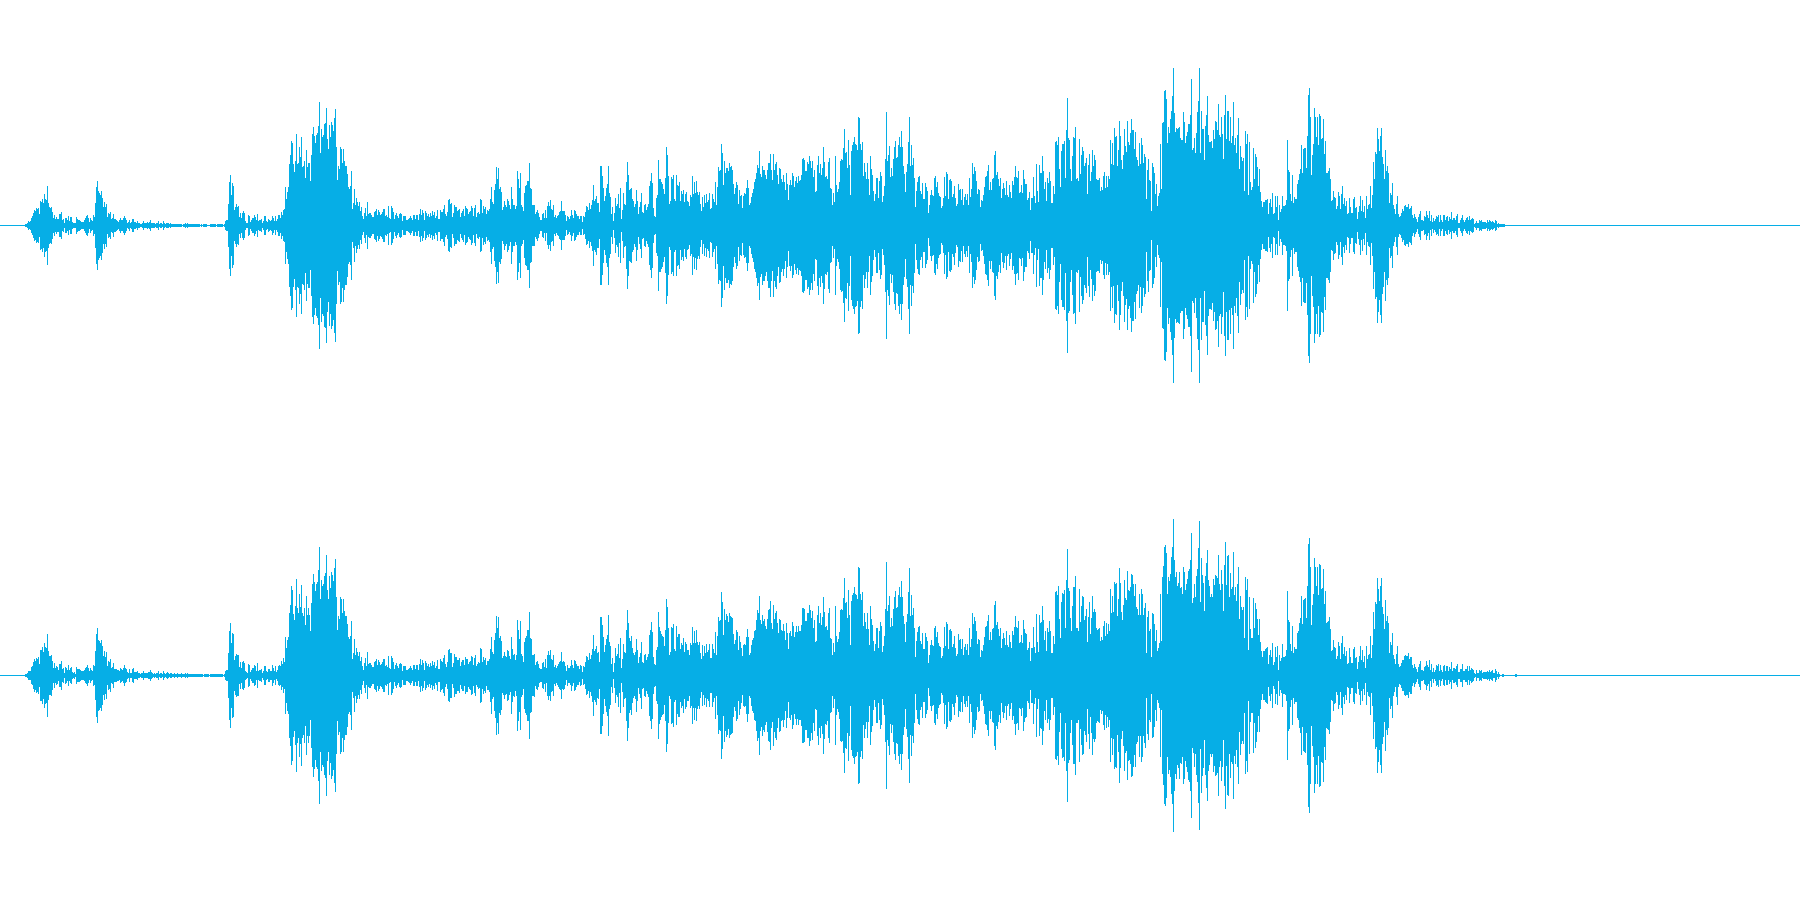 シャッター音 カメラ カシャ(効果音)の再生済みの波形